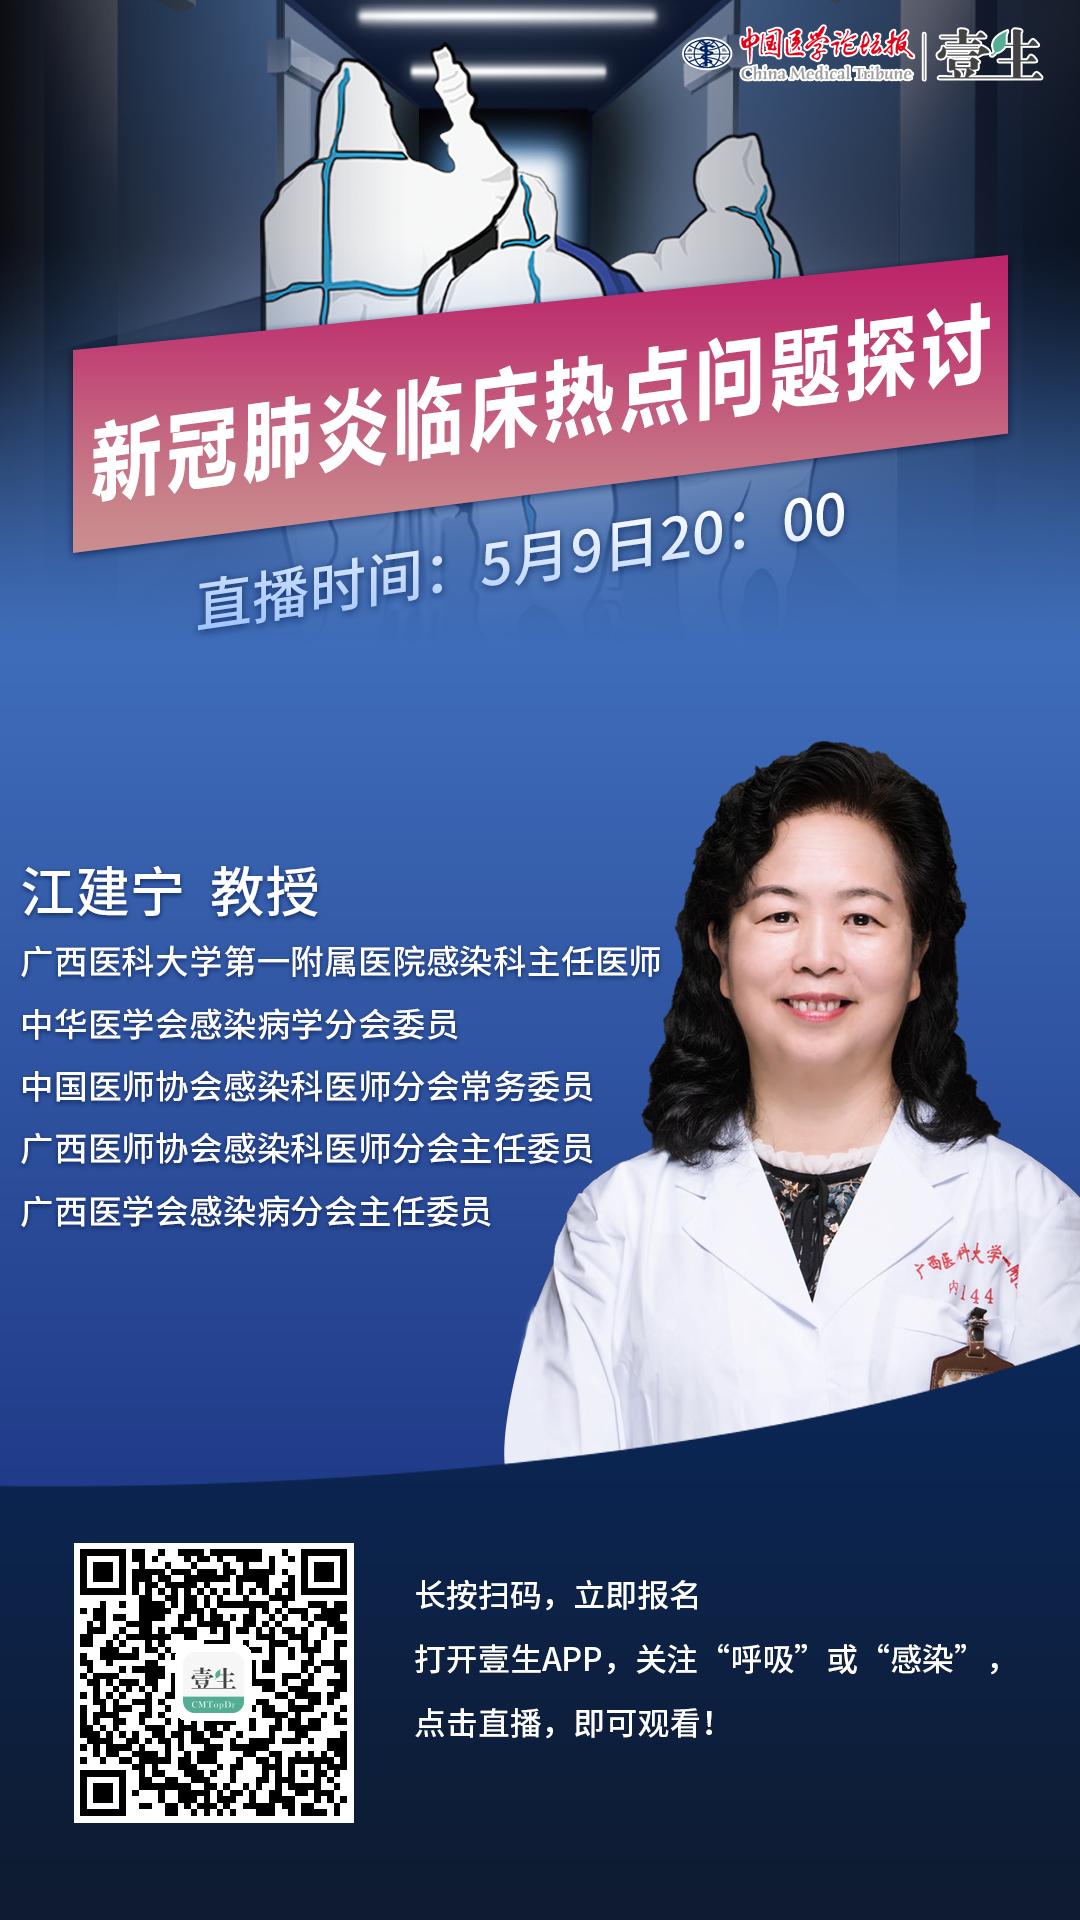 新冠肺炎热点问题探讨.png